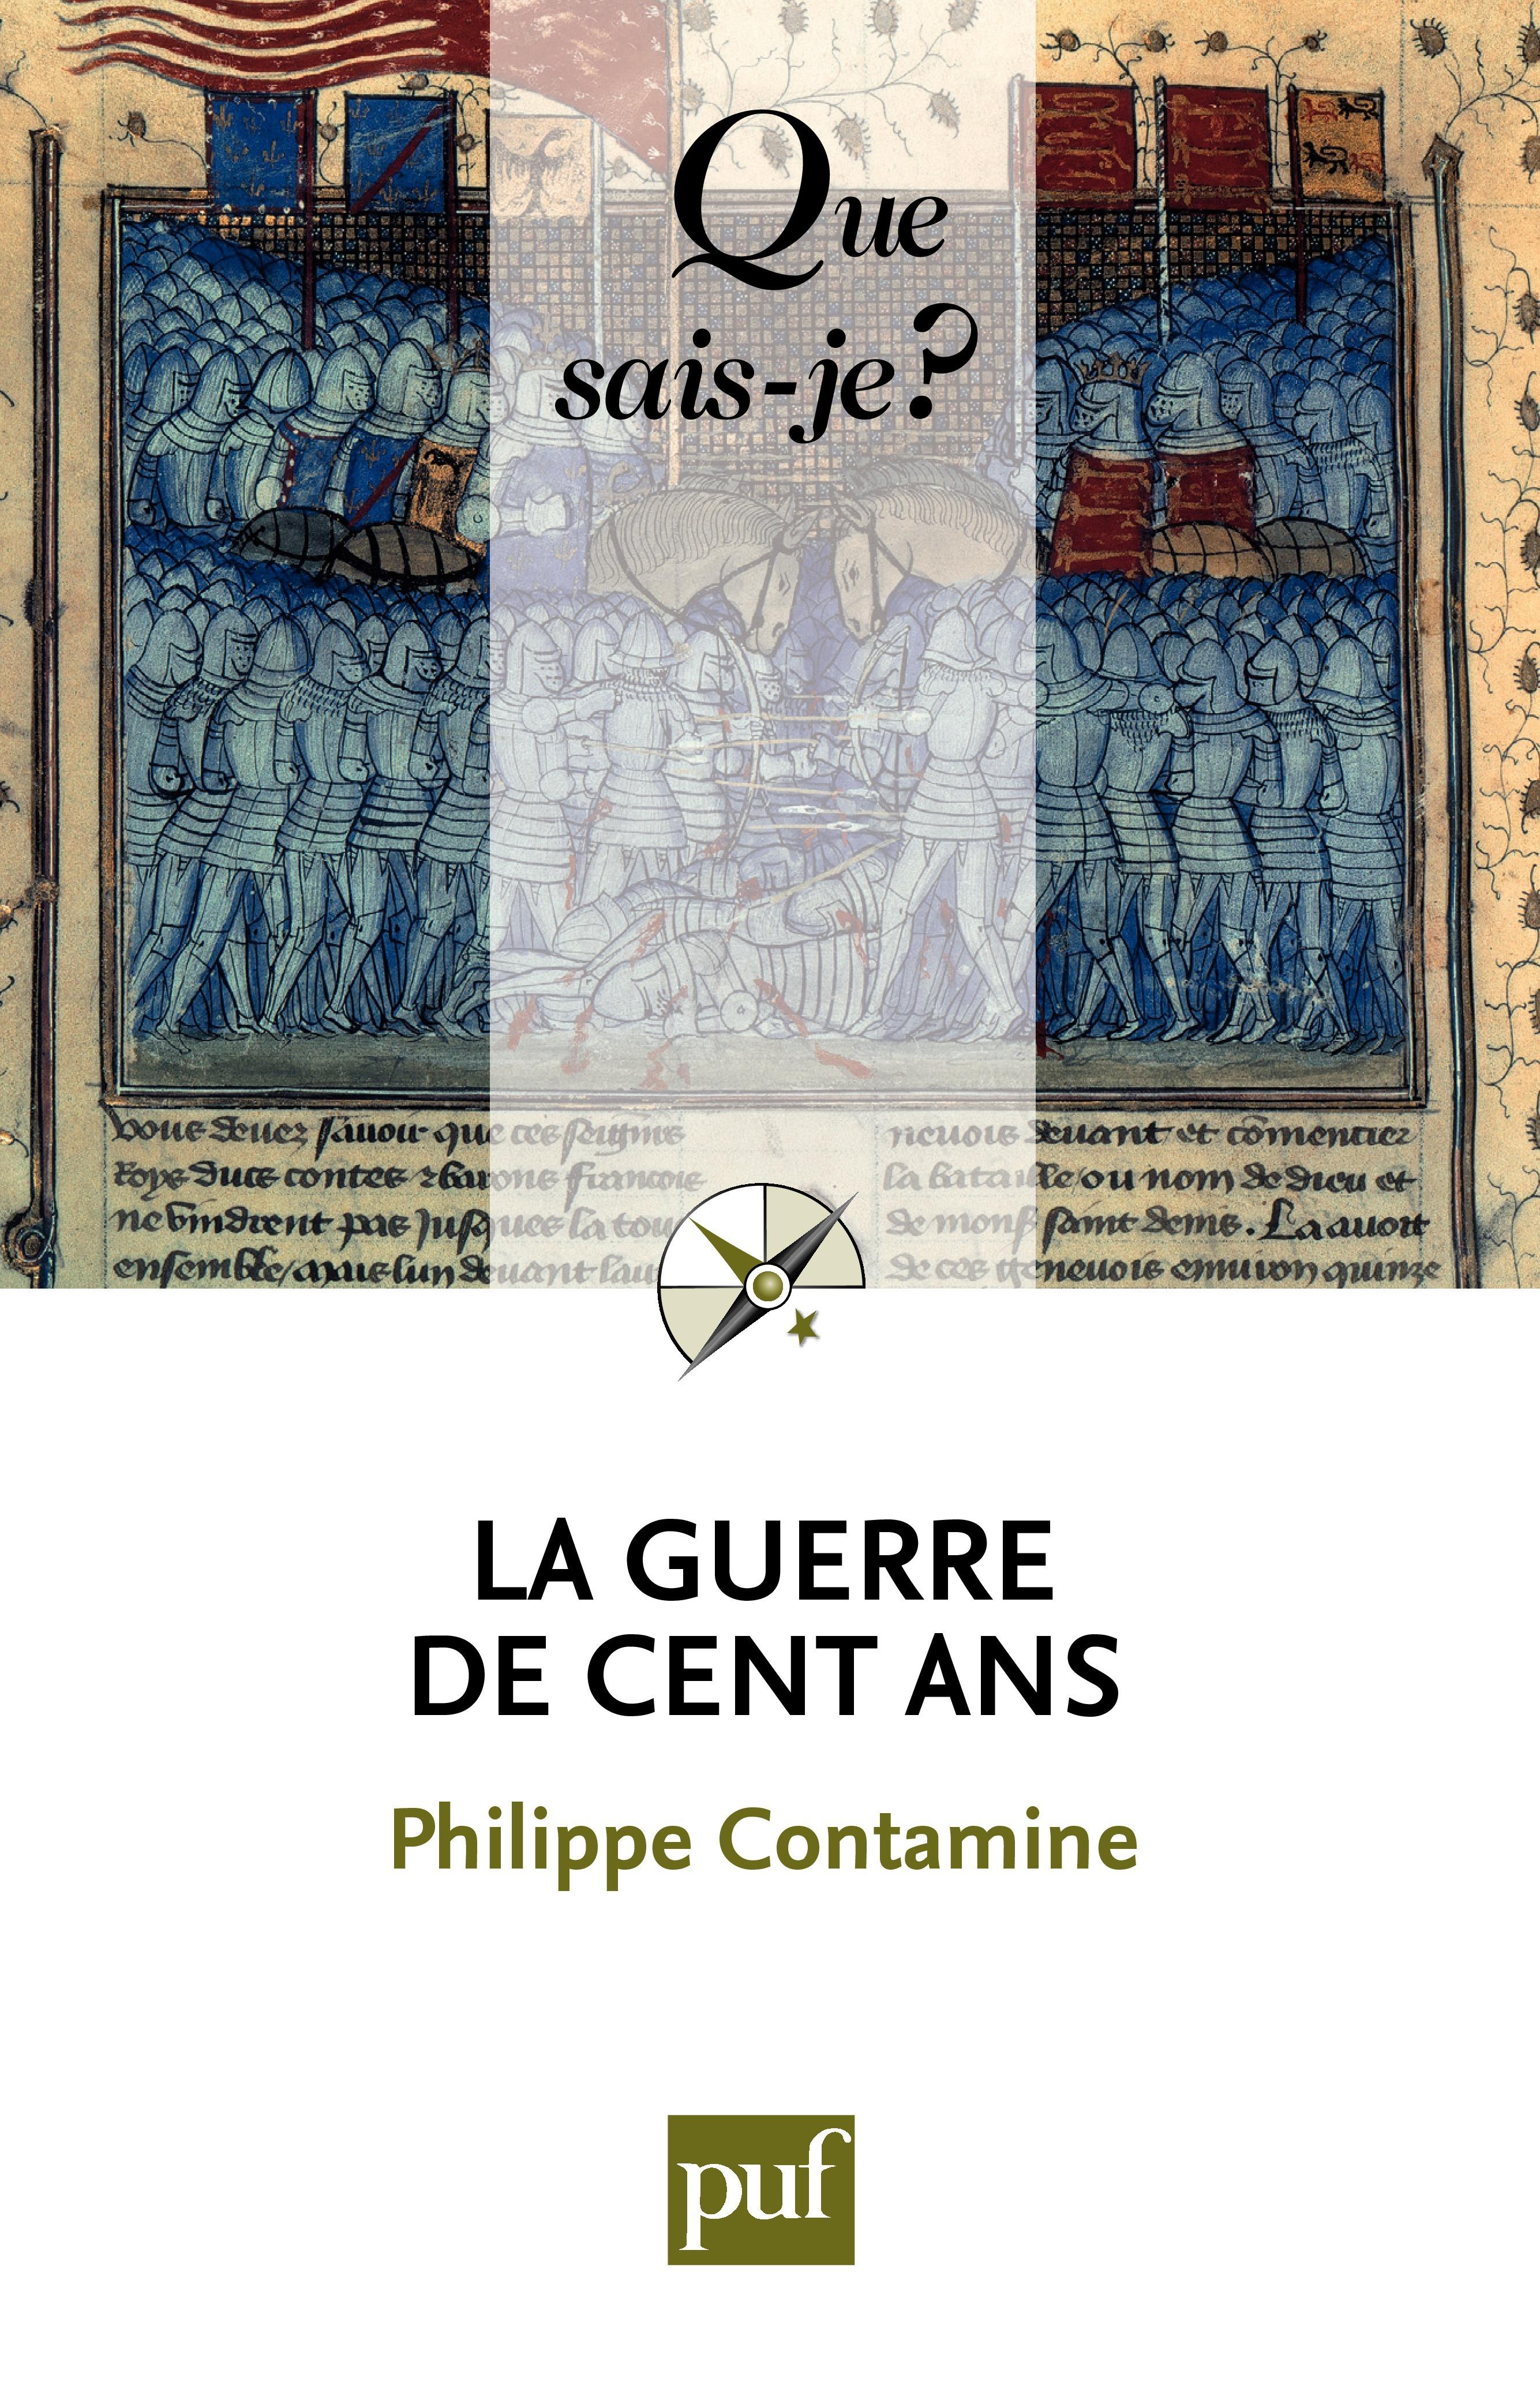 la guerre de cent ans (9e édition)